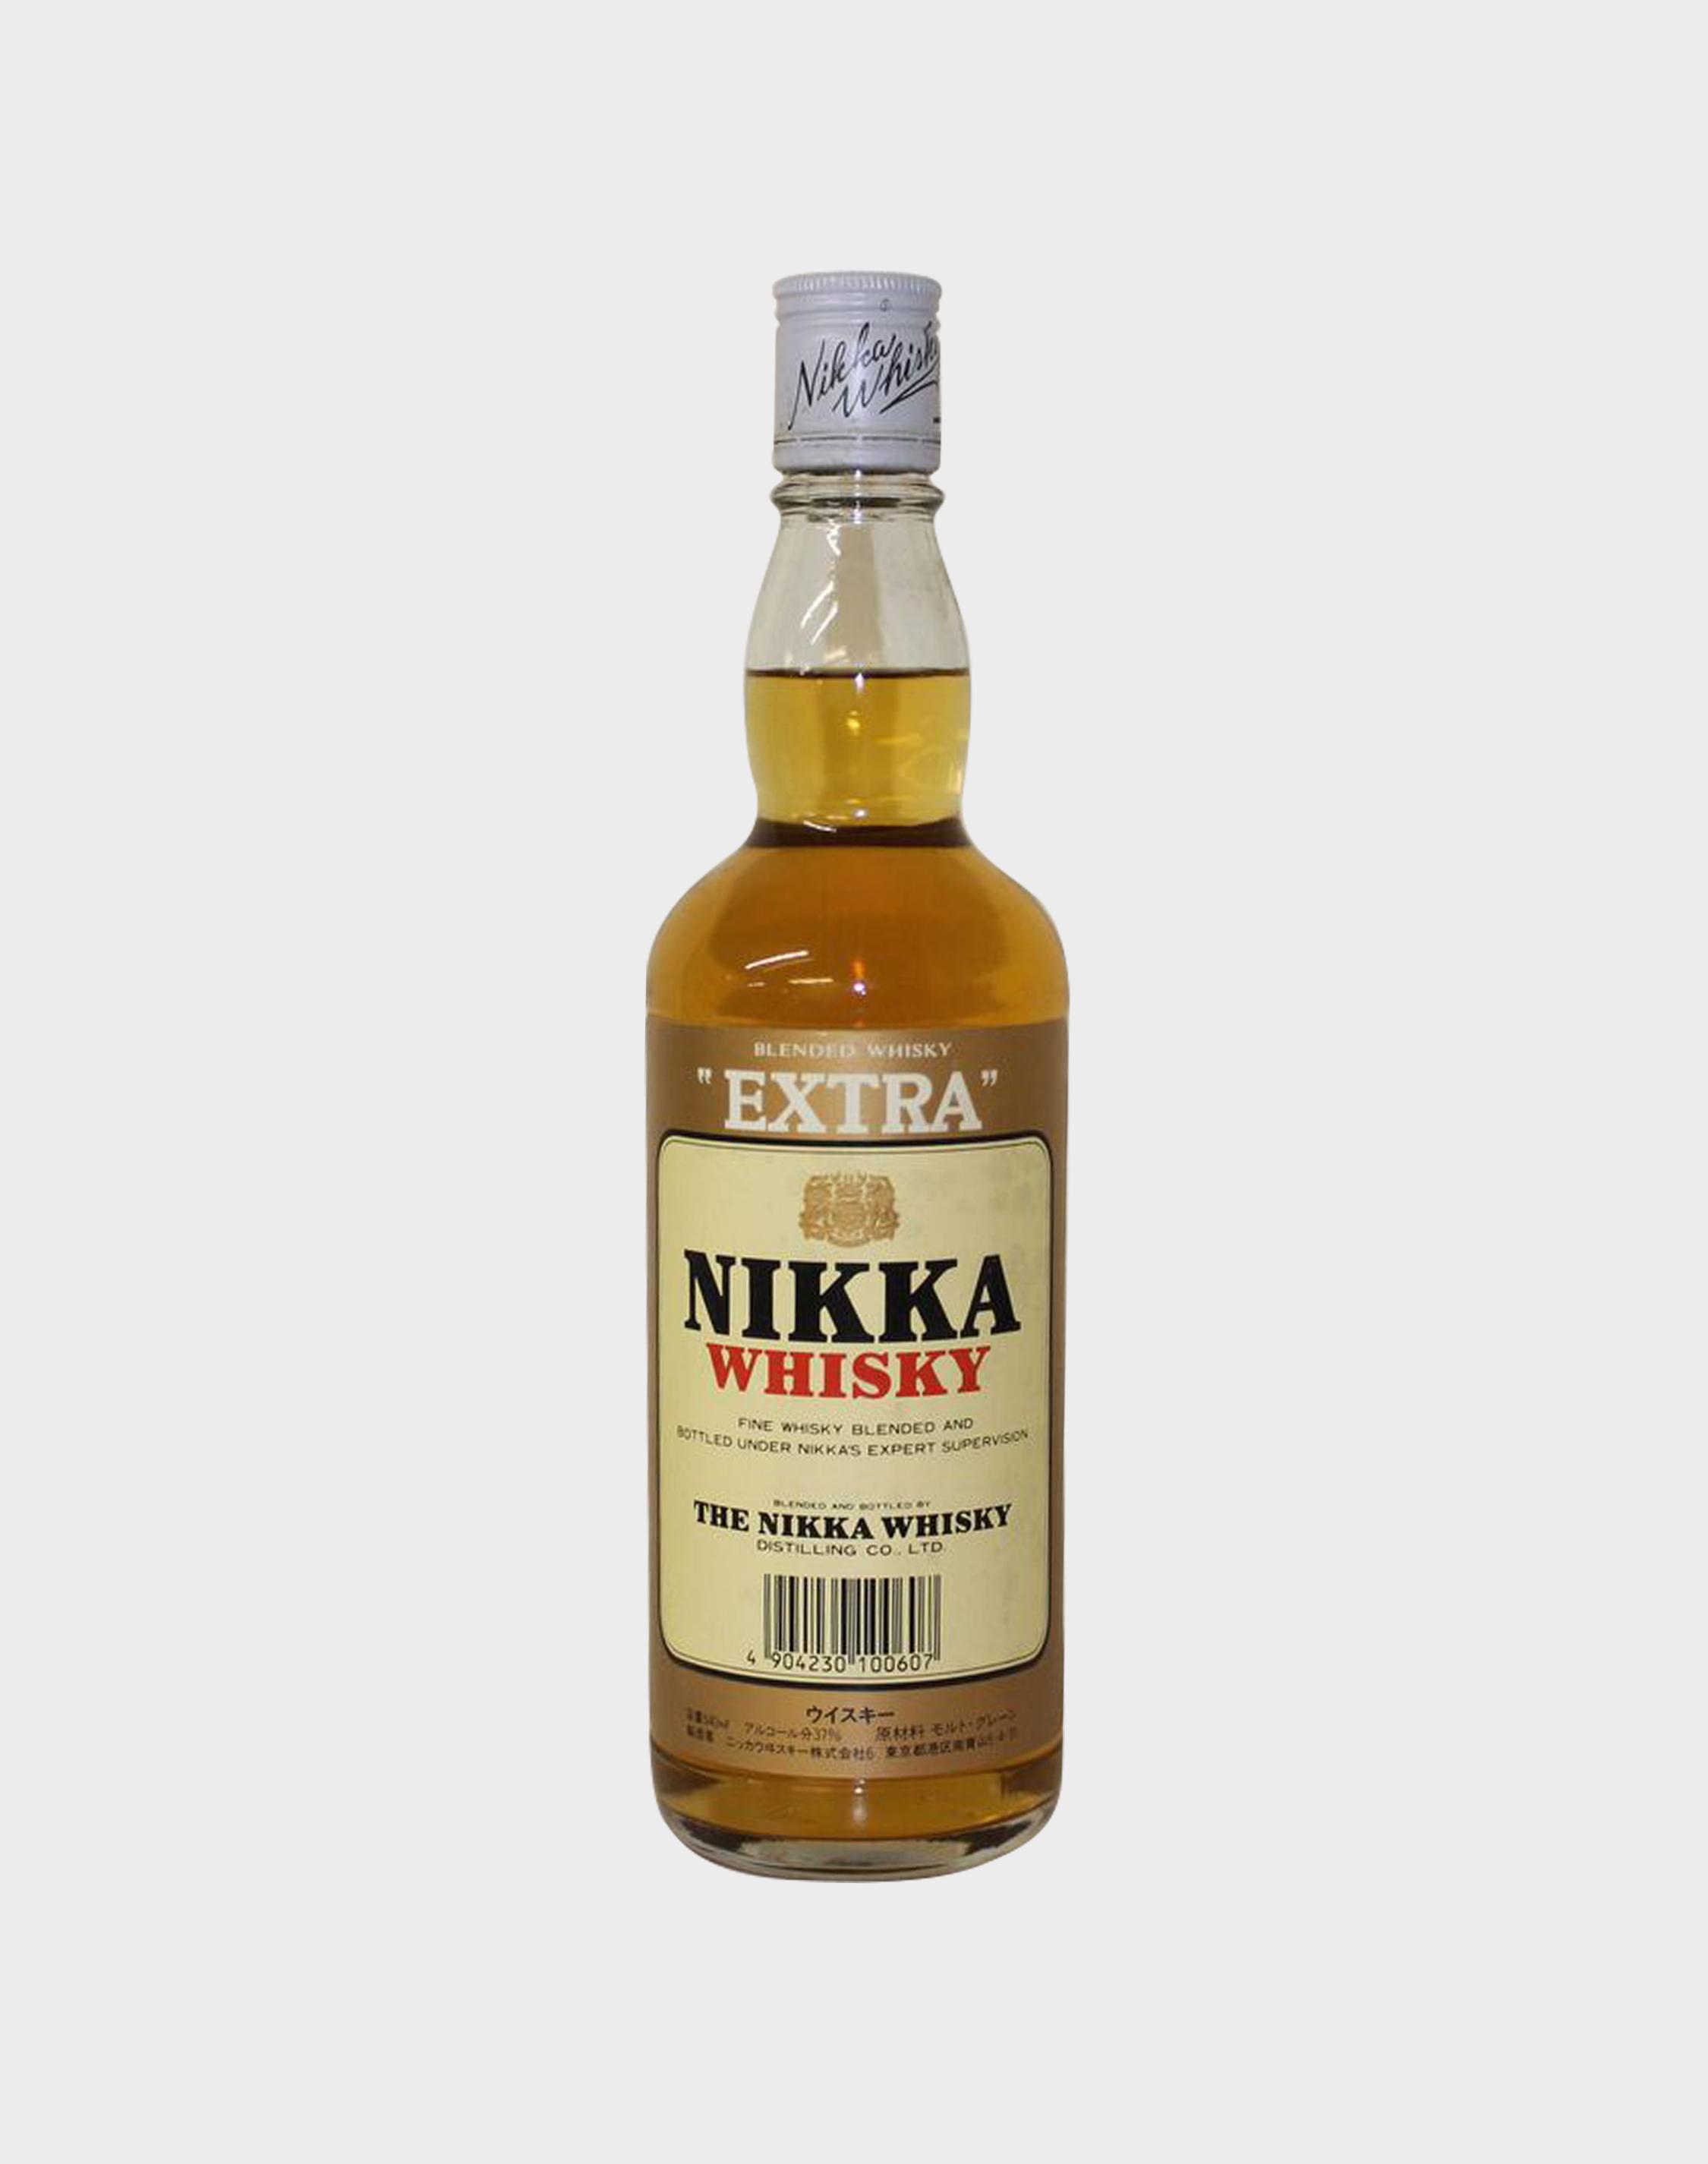 Nikka Whisky Extra